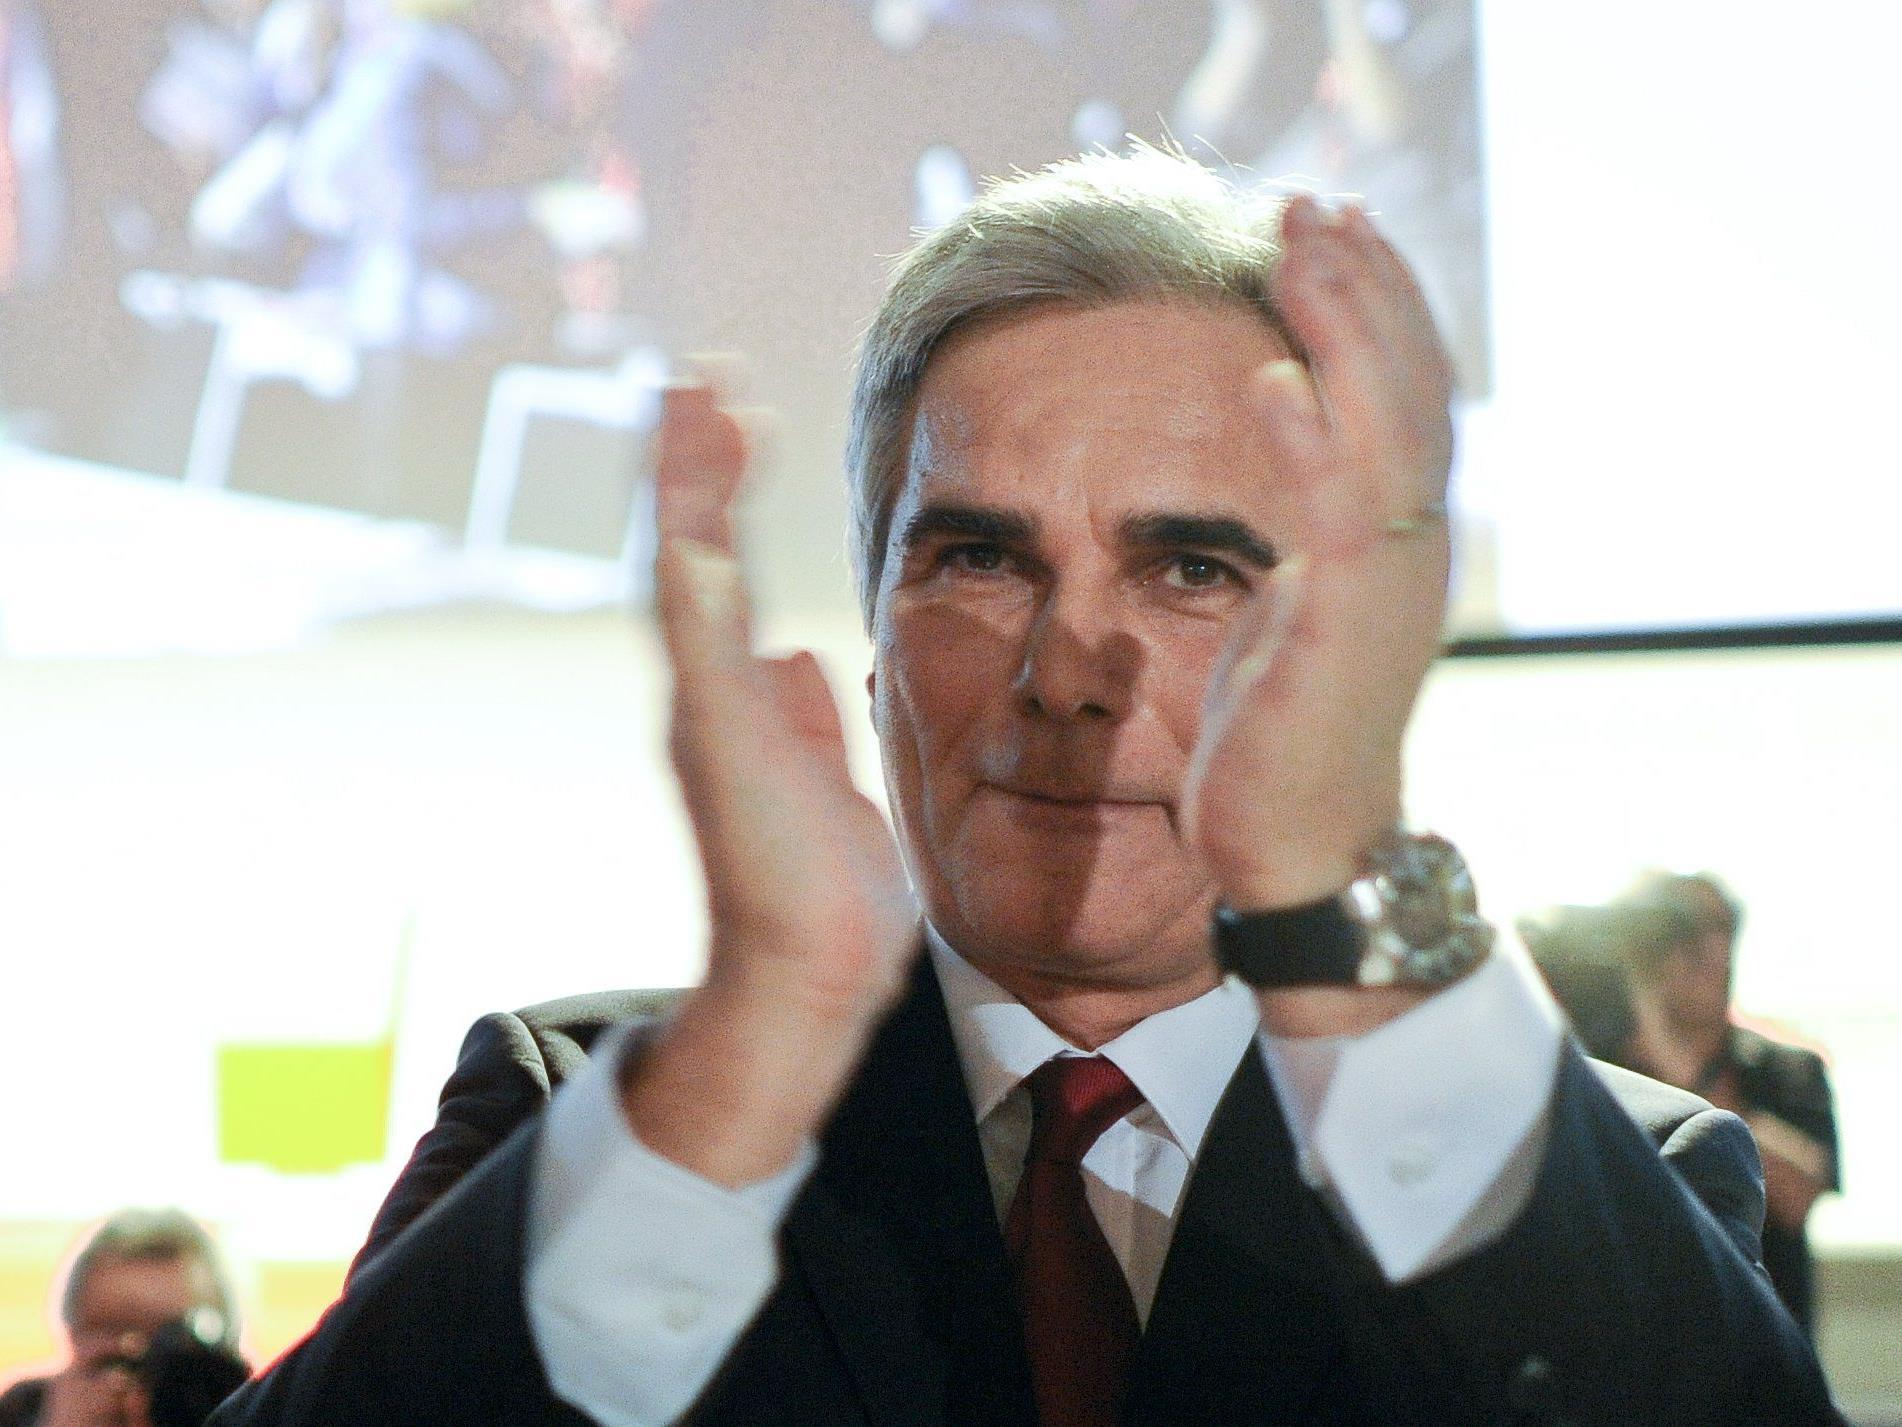 SPÖ-Parteitag: Faymann hochgerechnet - Parteichef holte 83,9